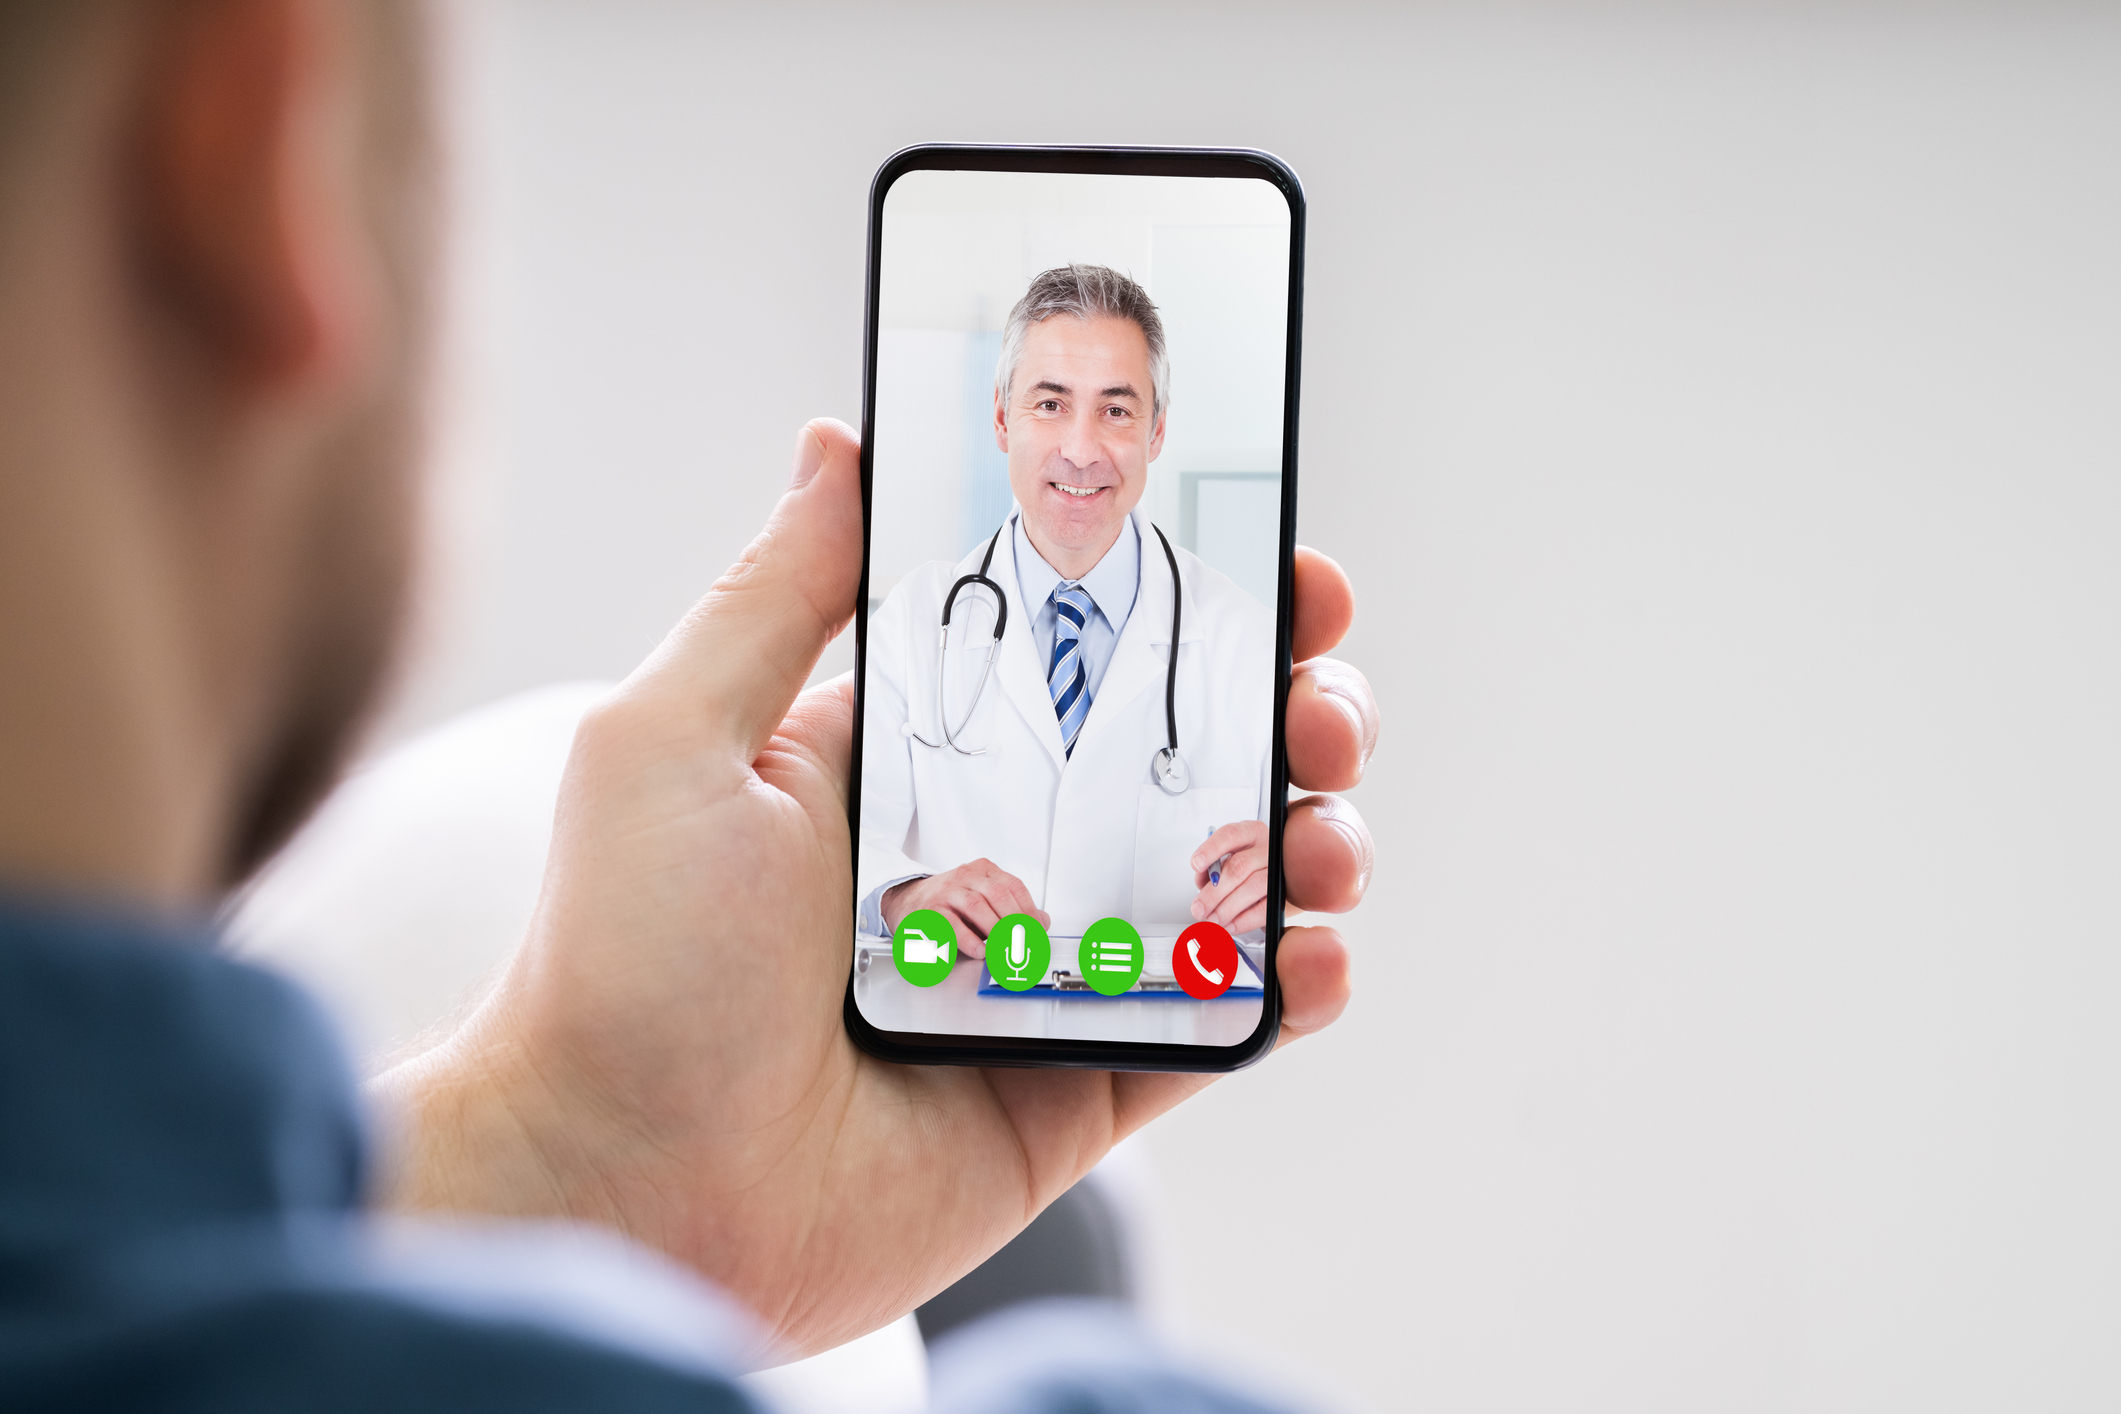 La telemedicina, una opción que toma fuerza con la crisis del Covid